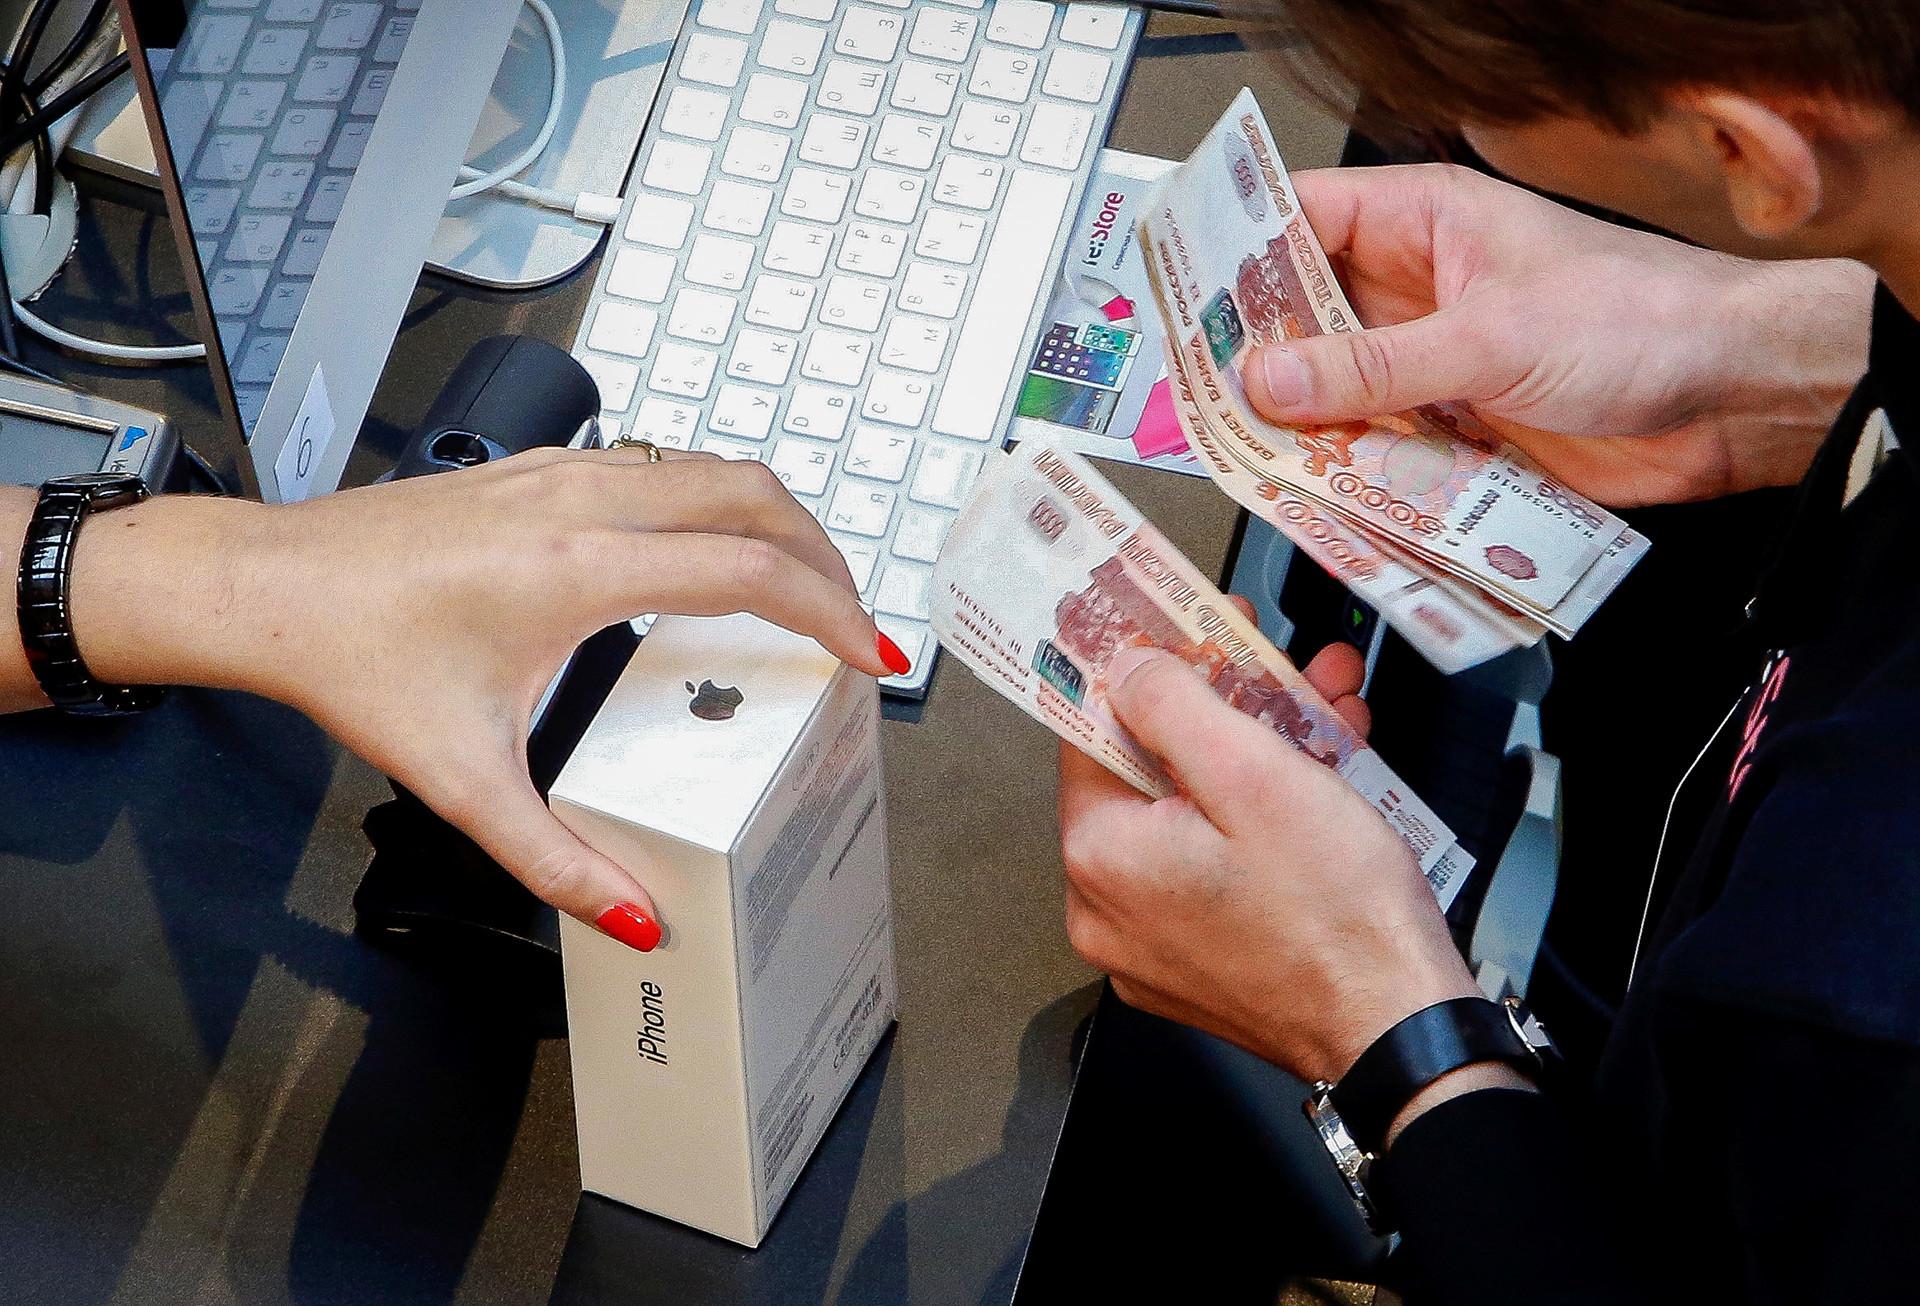 デパート「グム」で新しいiPhone 7の発売の時に店を訪れた客。ショップアシスタントはルーブル札を数えている。